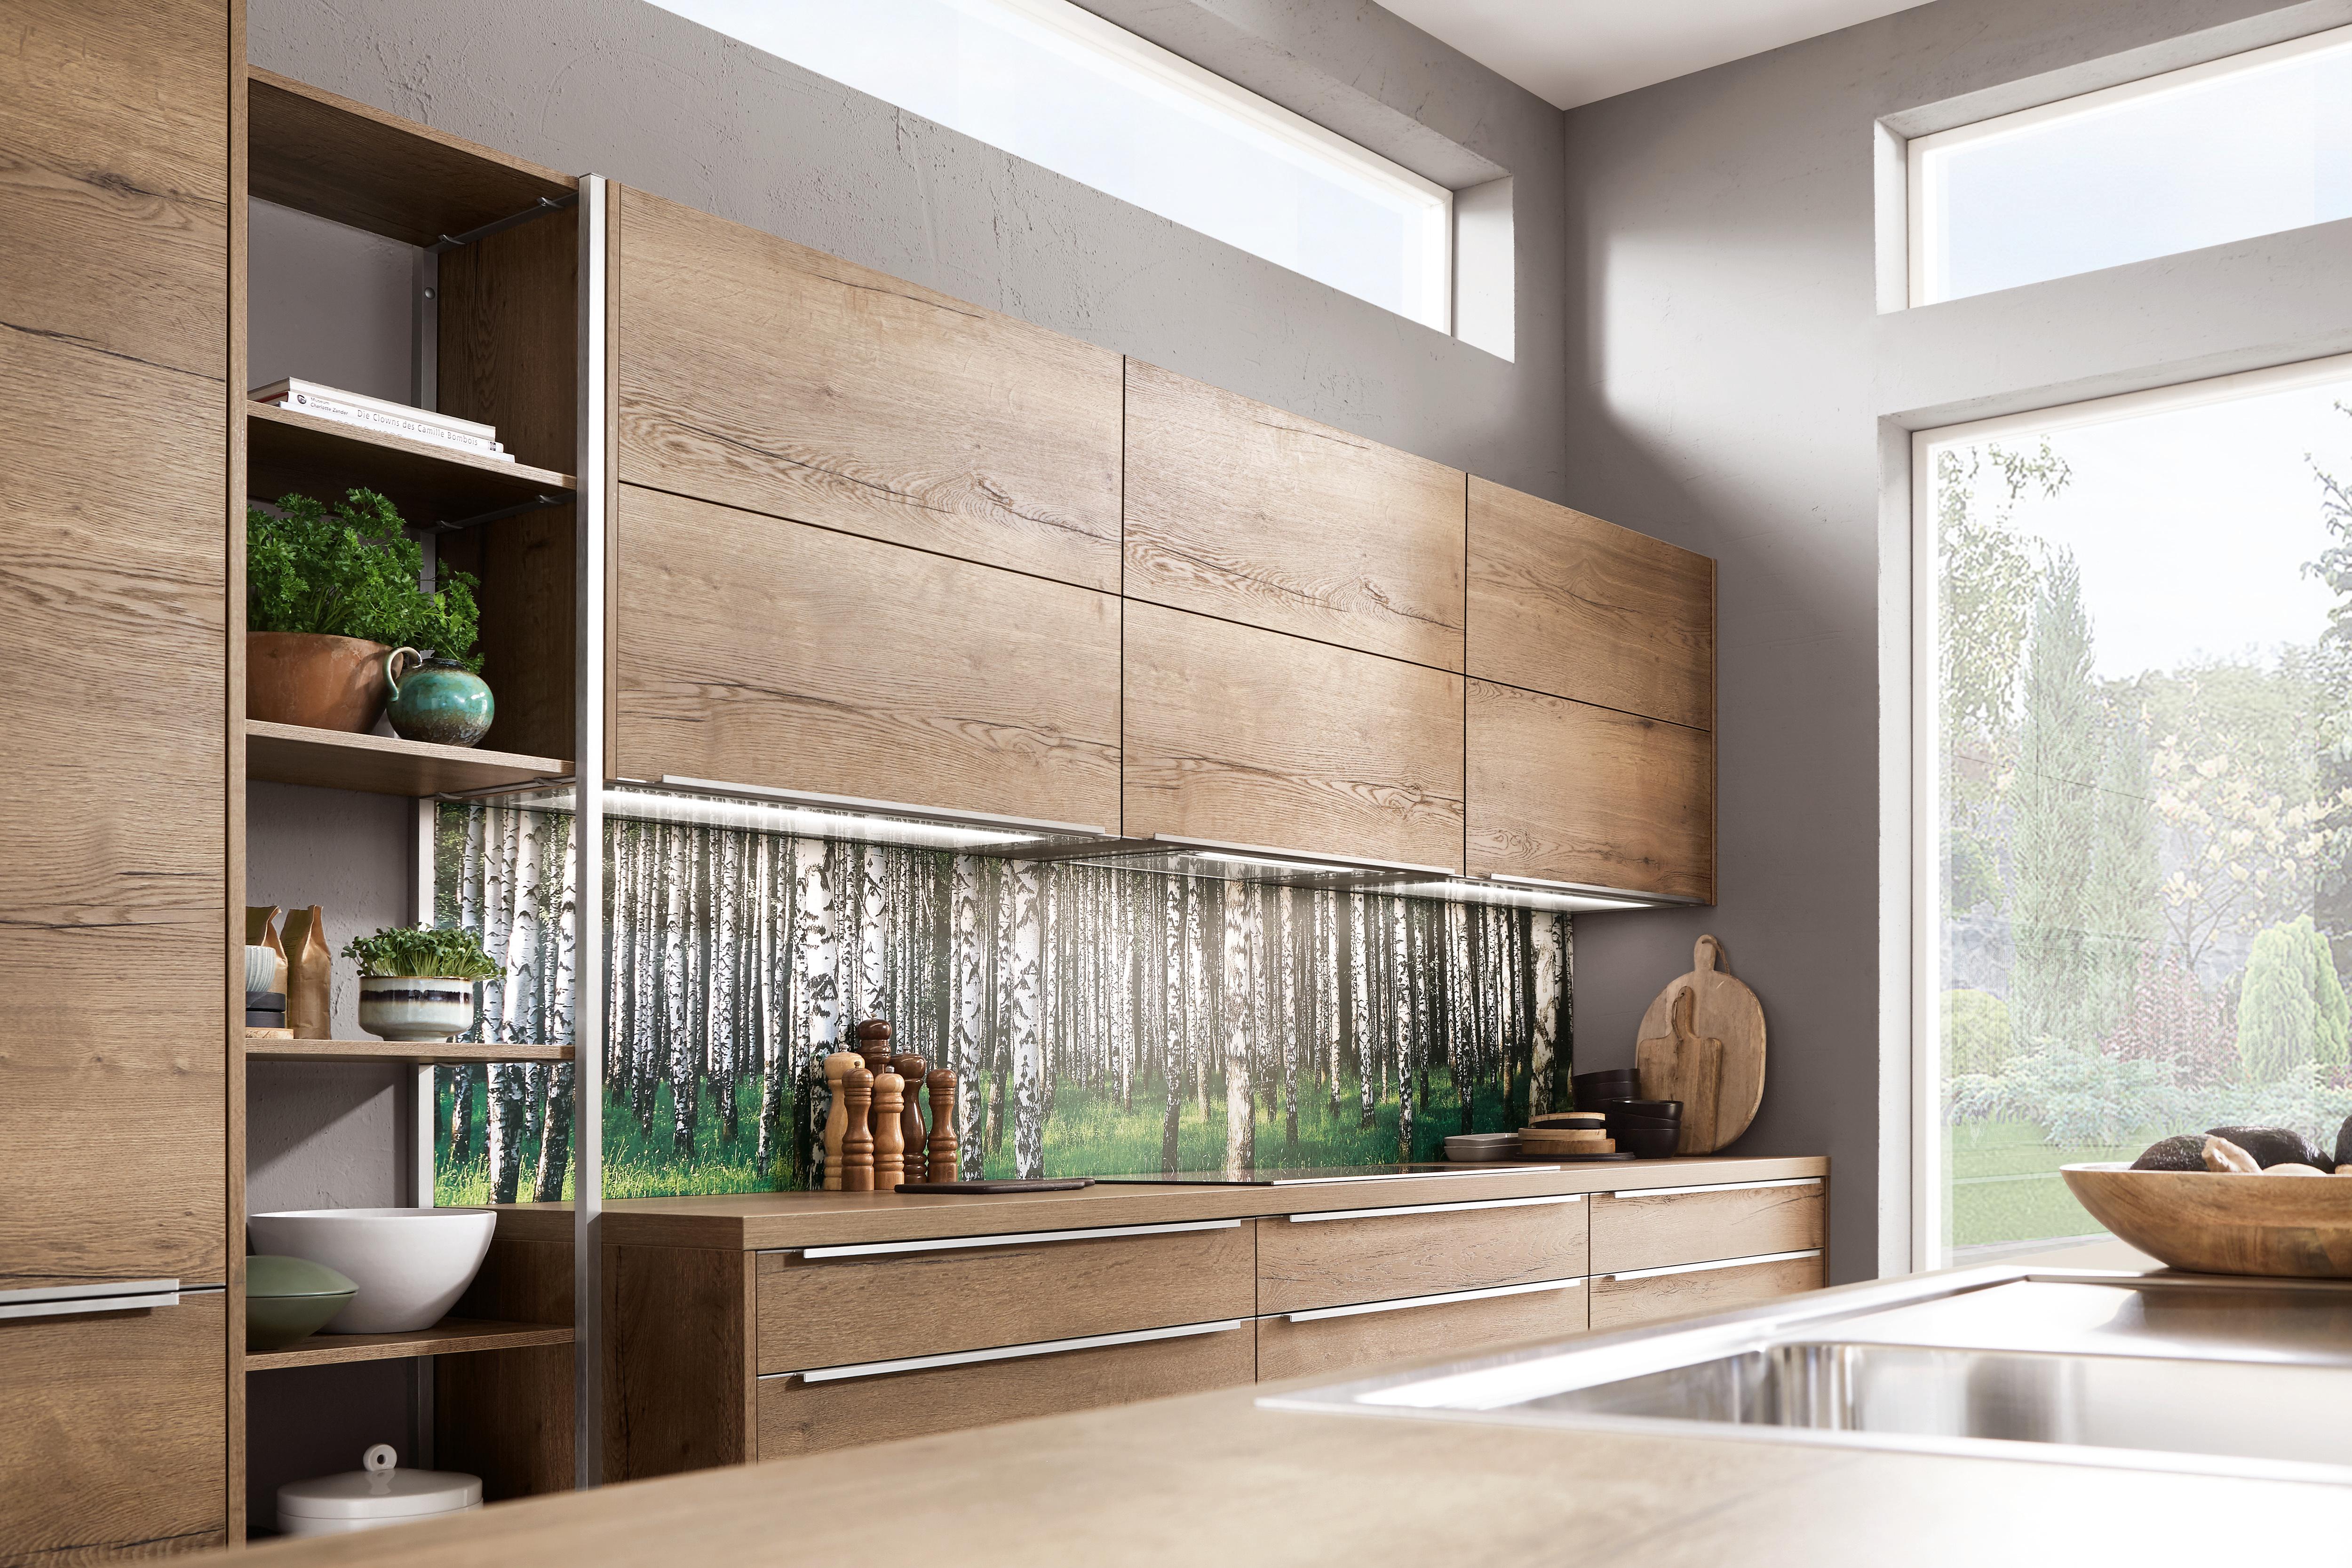 European kitchen cabinets, Houston